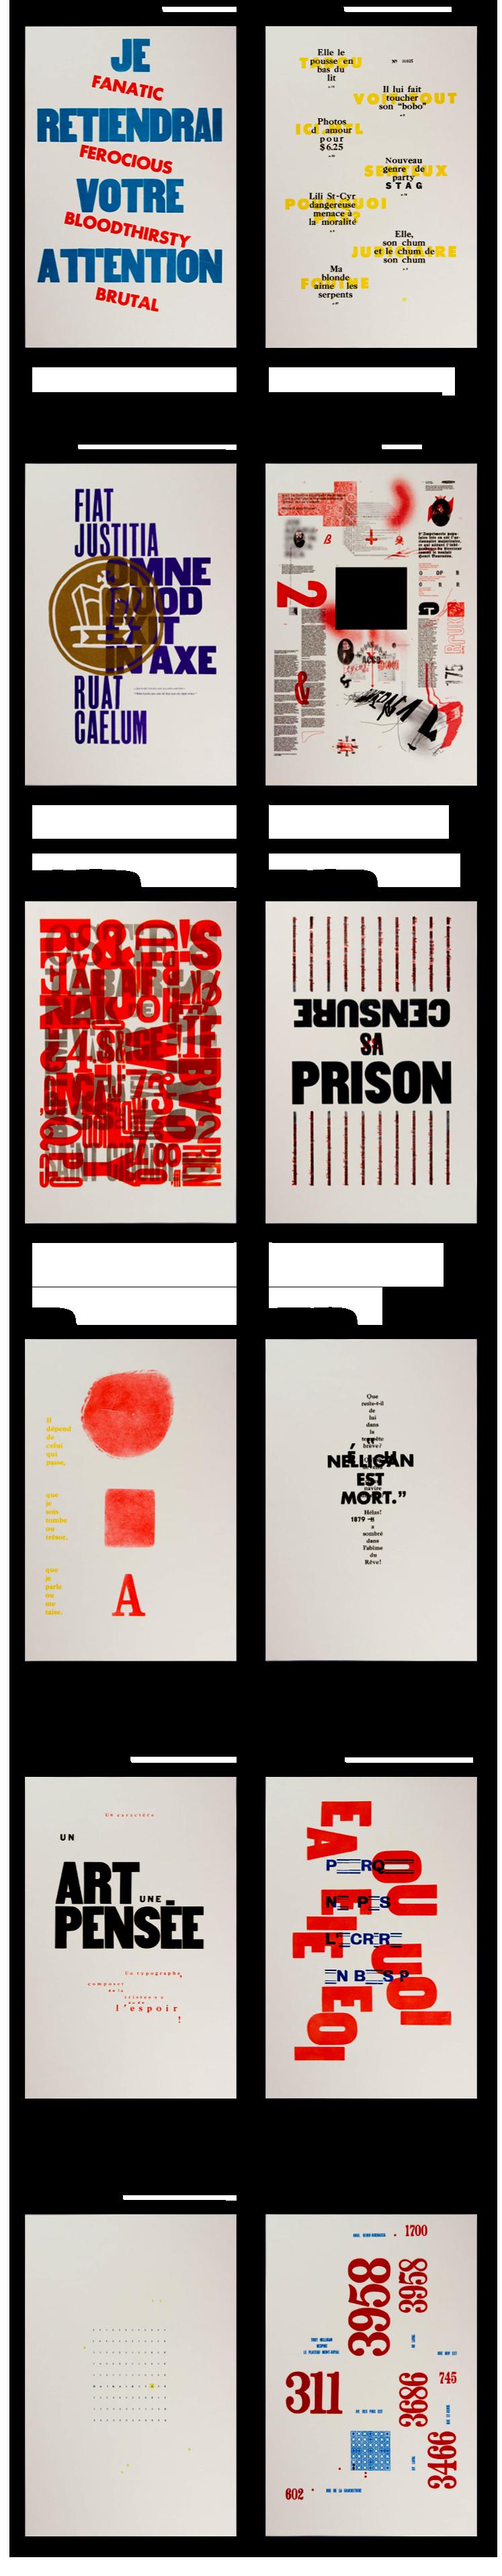 Créations graphique de l'UQAM - Judith Poirier